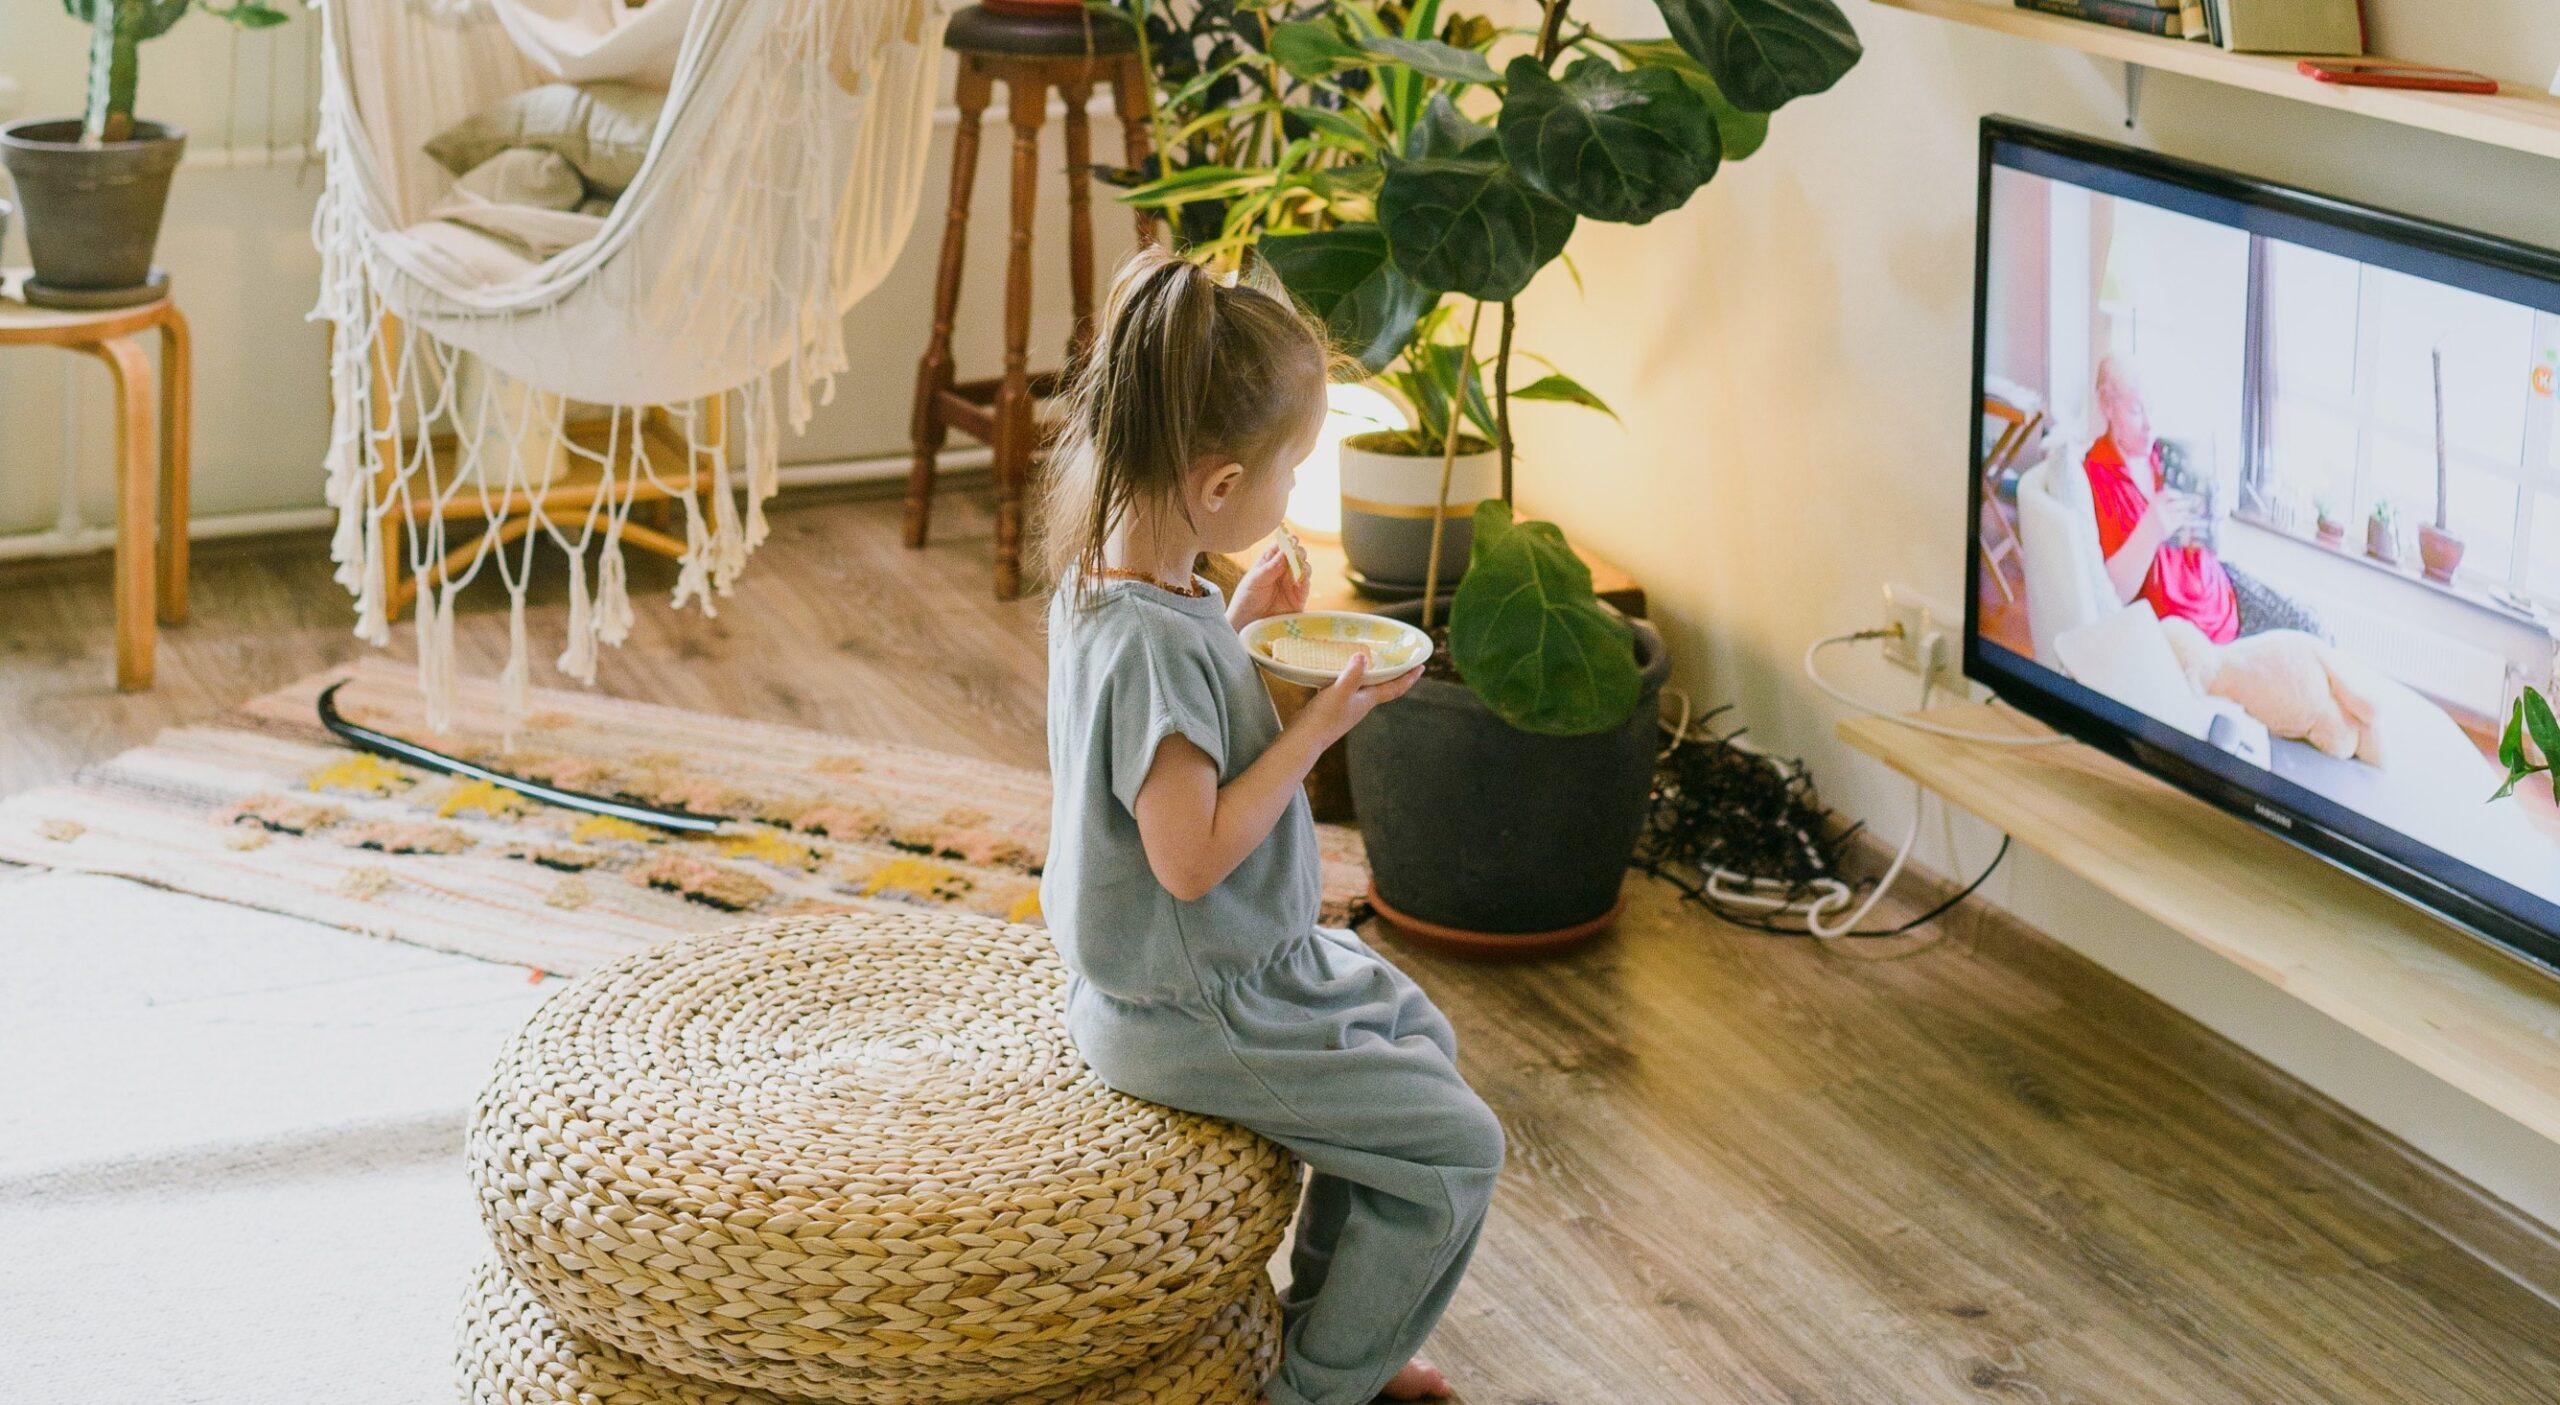 【親子教養錦囊】暑假生活有規律,讓教養孩子變輕鬆